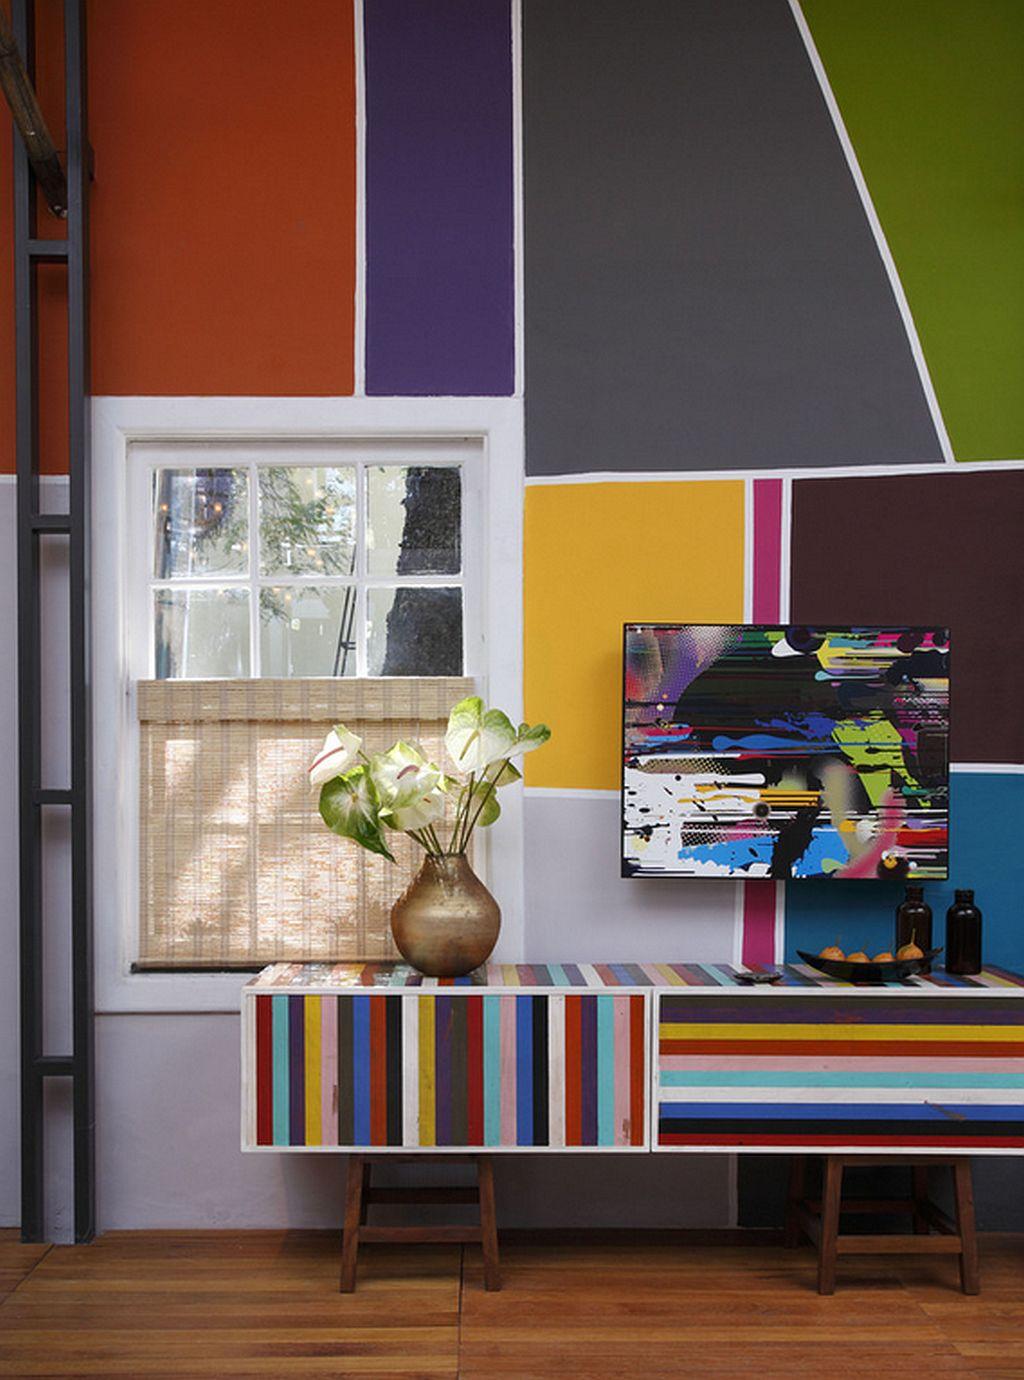 adelaparvu.com despre cabana urbana design Fabio Galeazzo (17)